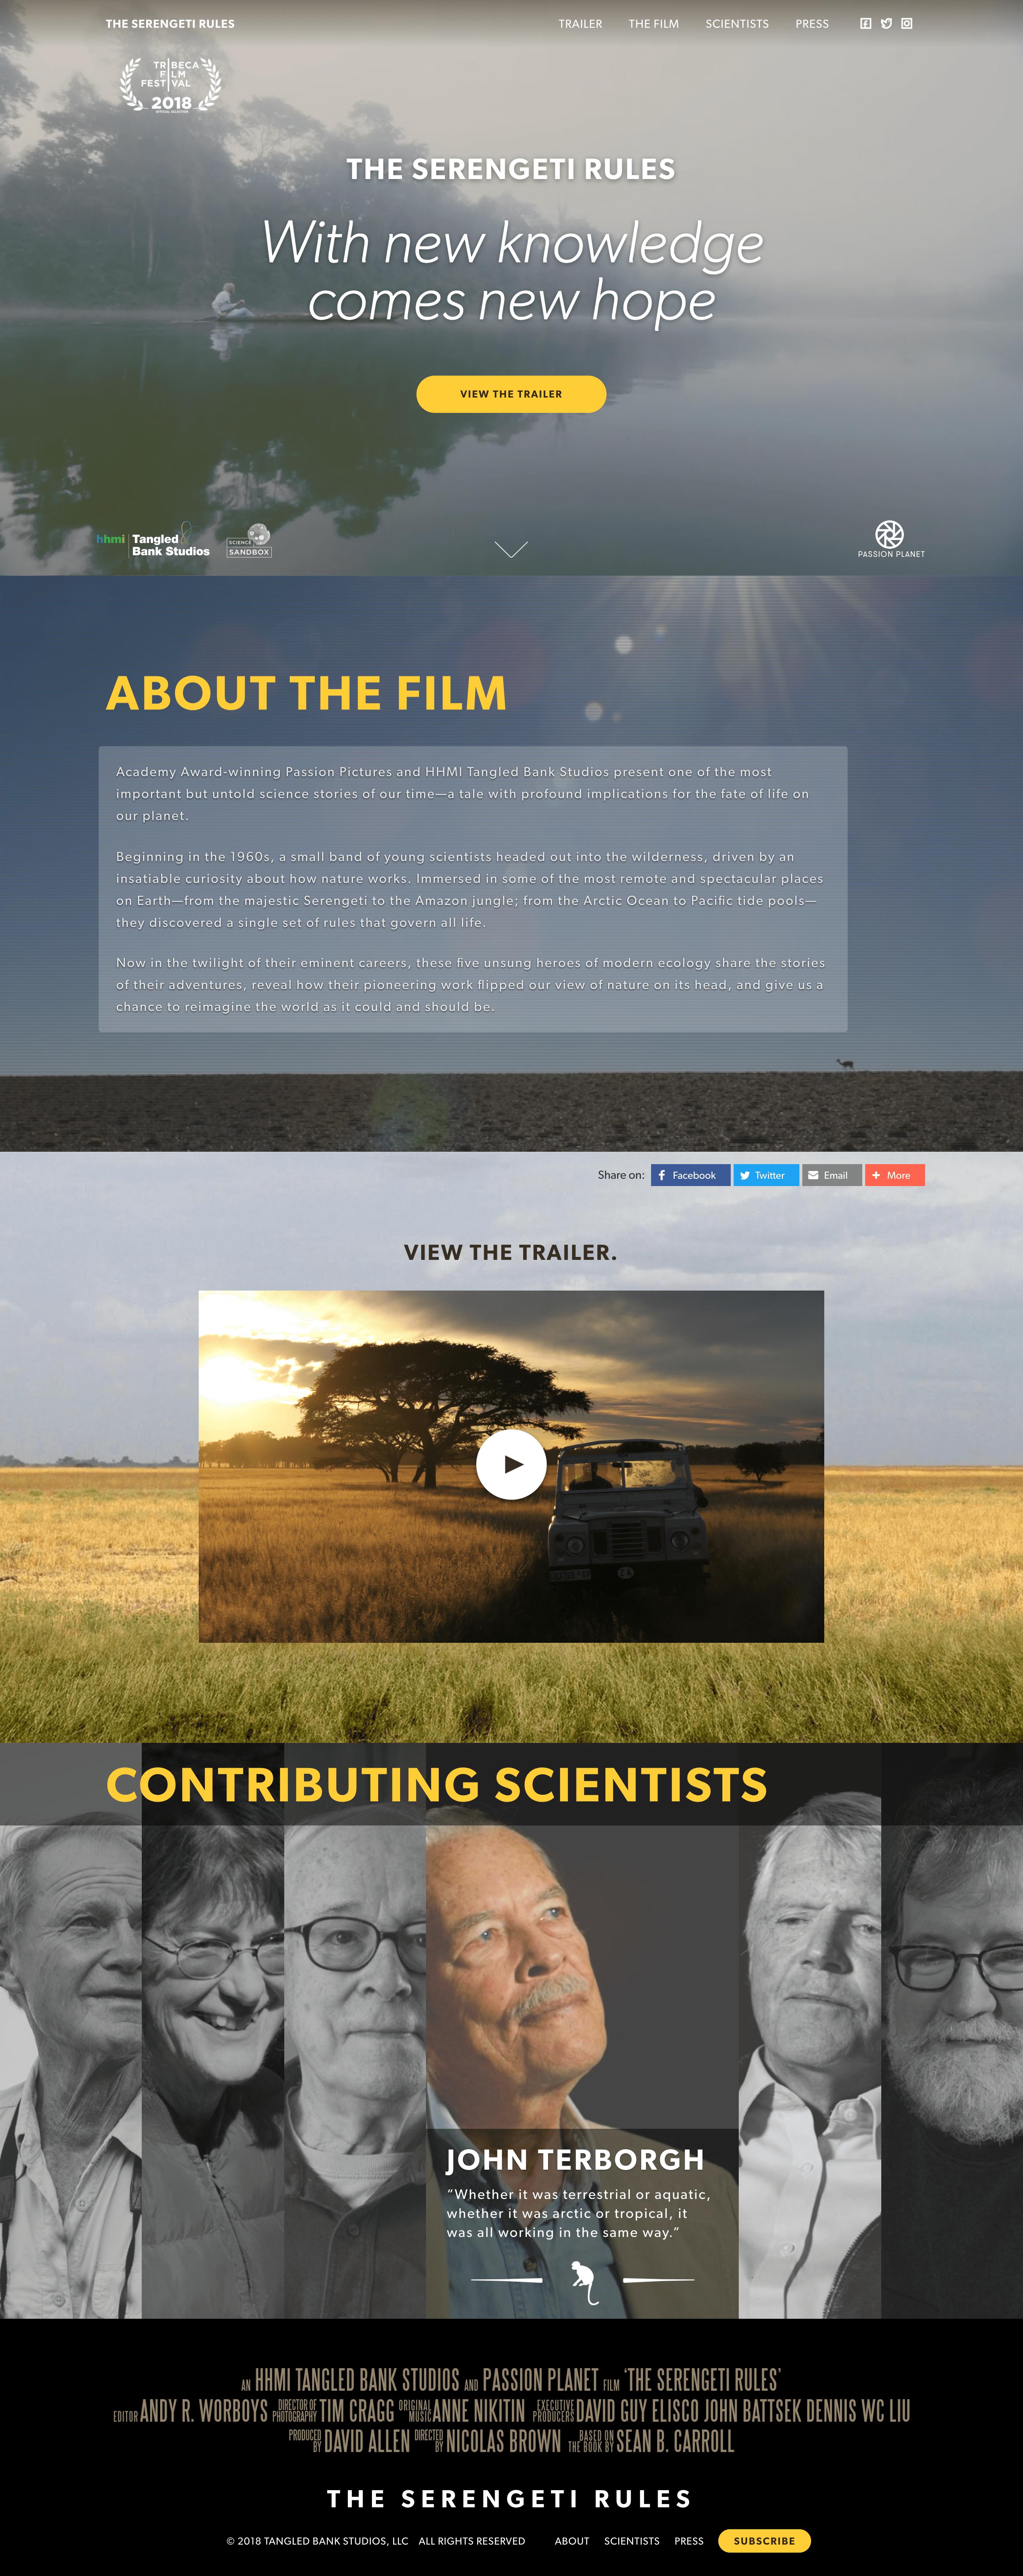 Serengeti behance 2x